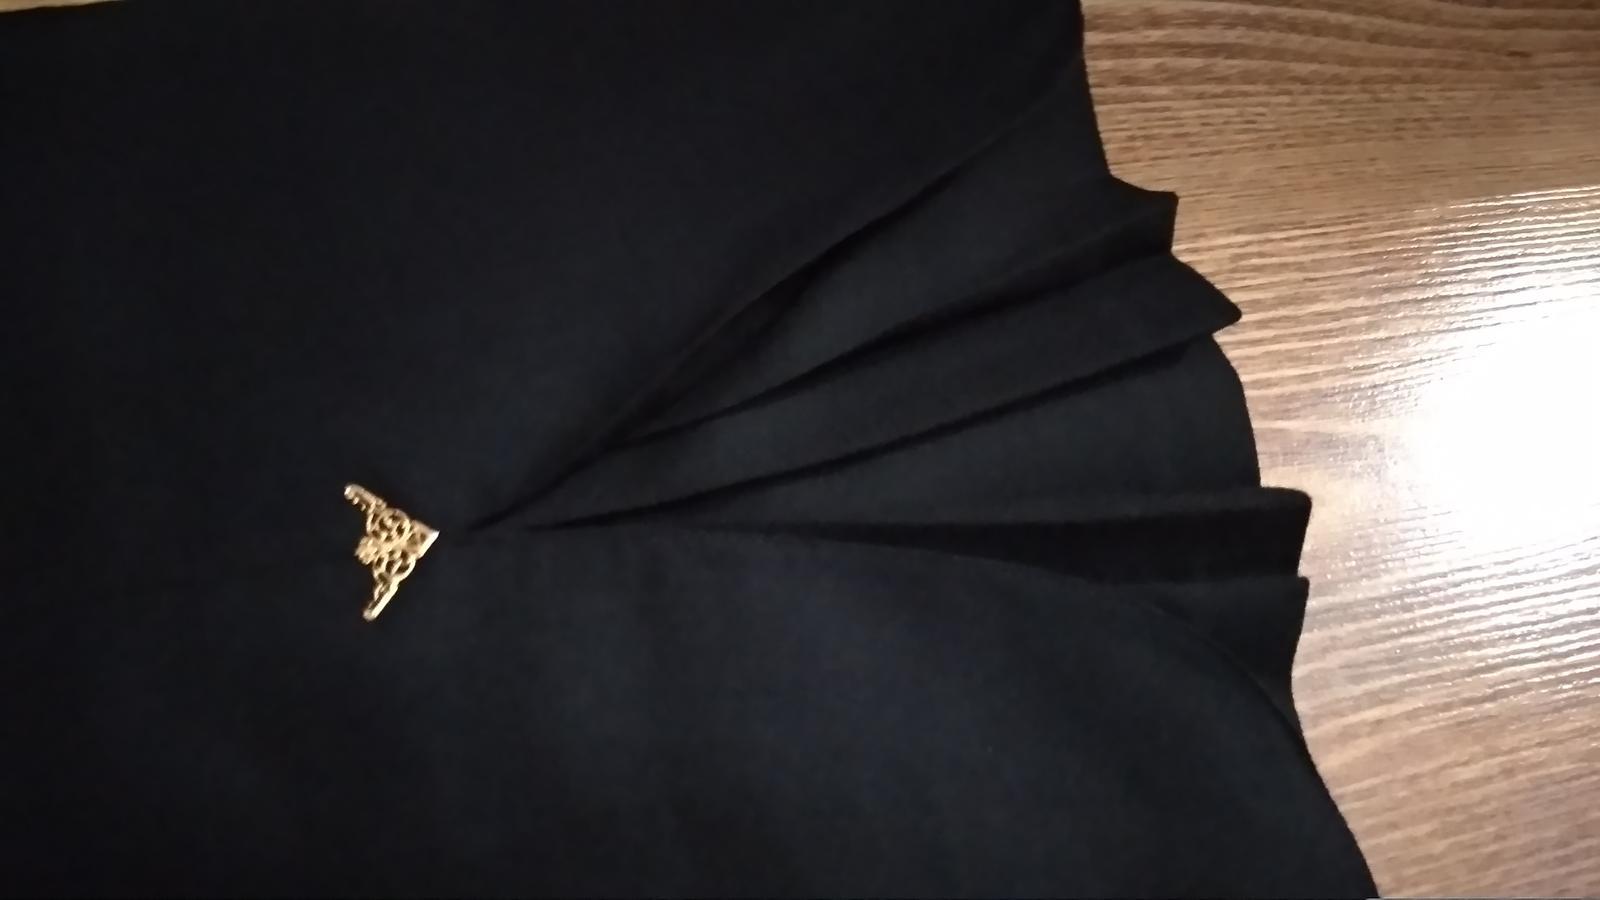 Čierna sukňa, MAKYTA , veľk.43-44 - Obrázok č. 3